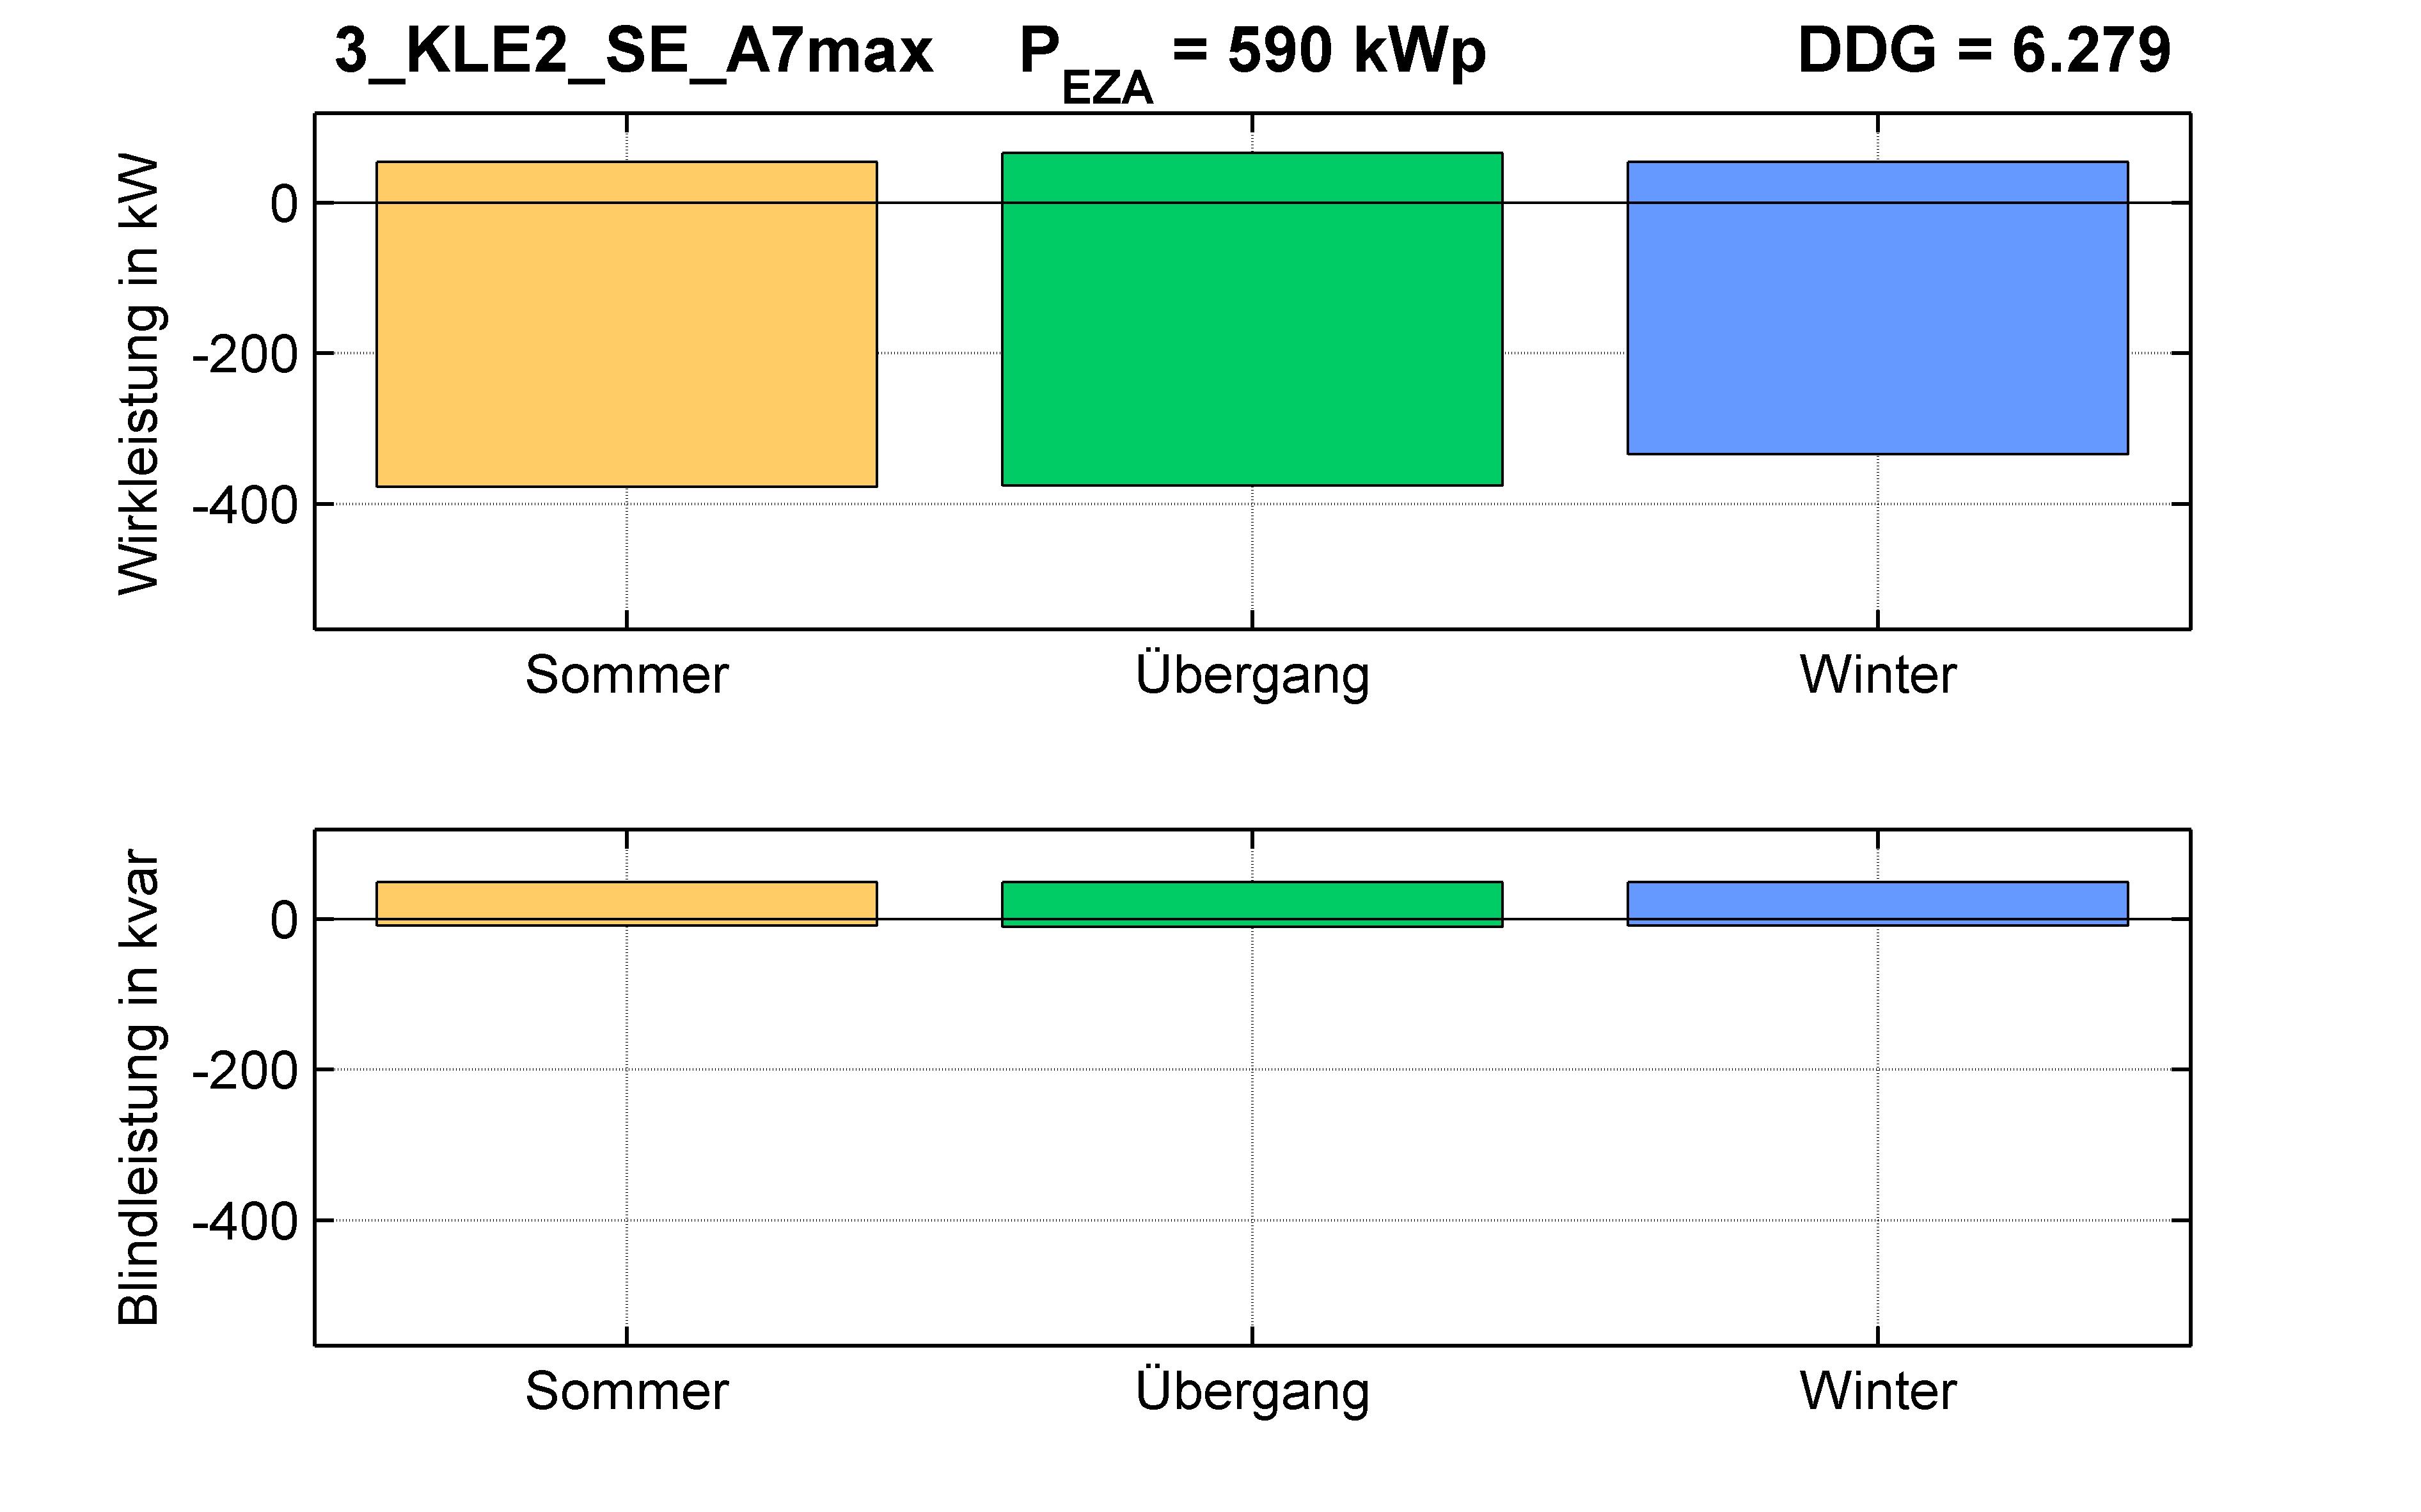 KLE2 | P-Kappung 70% (SE) A7max | PQ-Bilanz